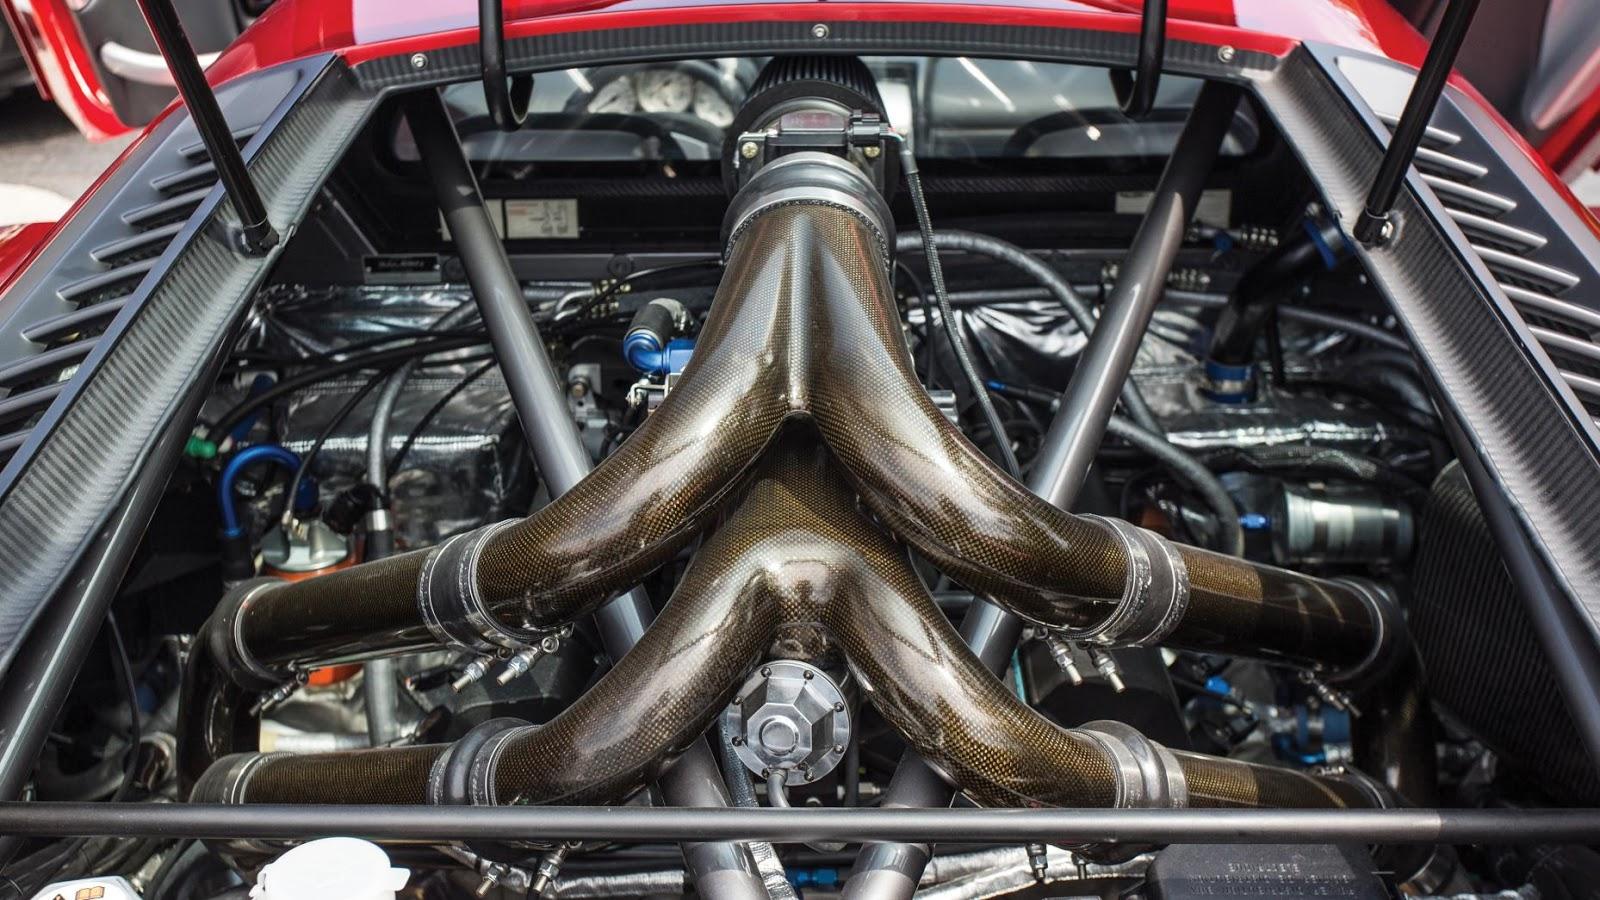 Khối động cơ V8 7 lít công suất 750 mã lực của Saleen S7